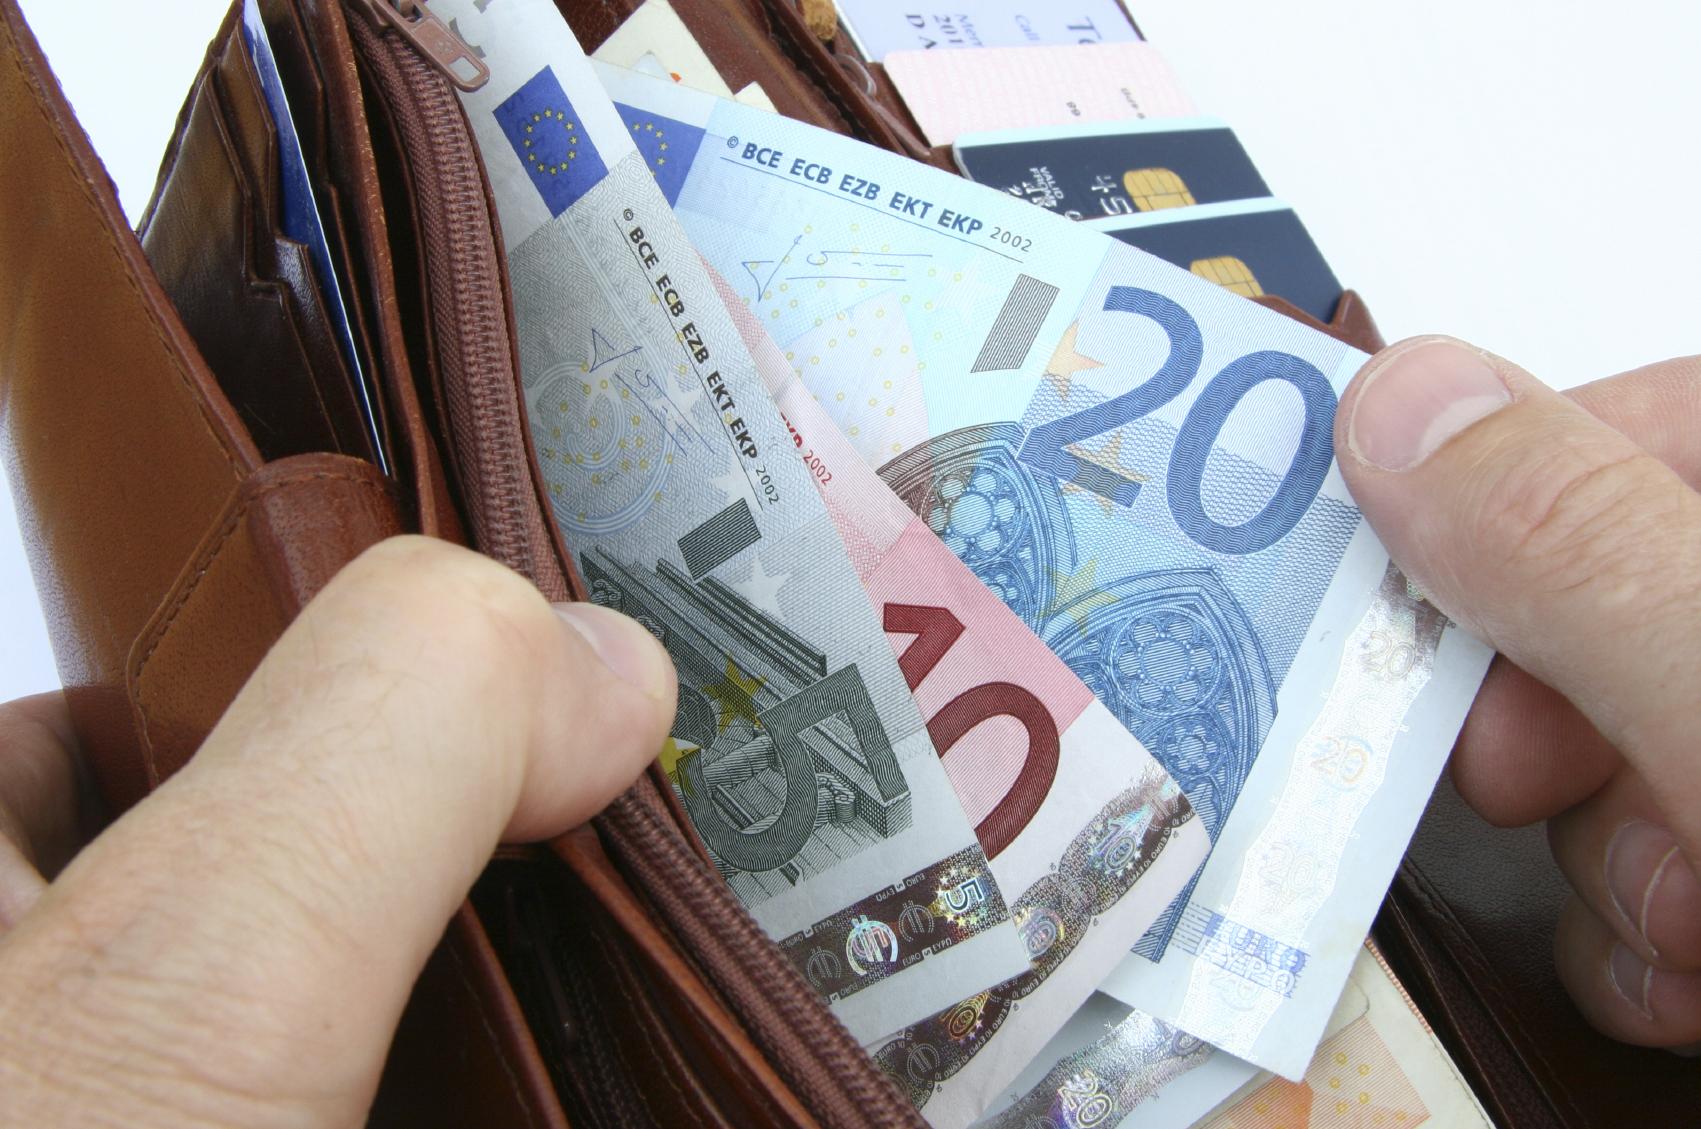 Χρέη: Η νέα ρύθμιση προς τα Ταμεία με δεκάδες δόσεις και «κούρεμα»